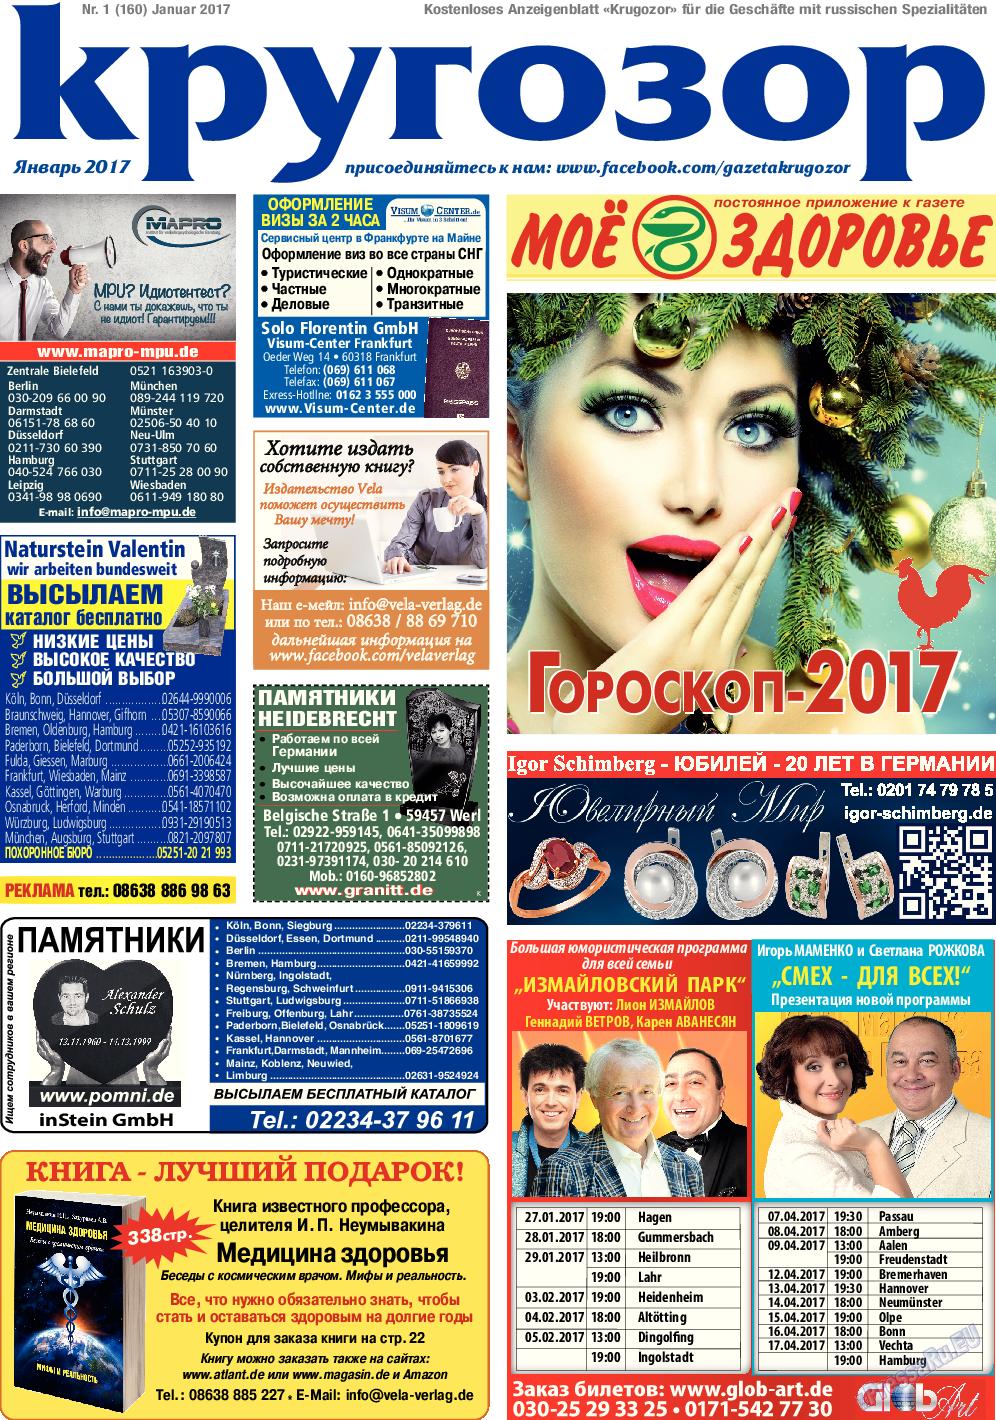 Кругозор (газета). 2017 год, номер 1, стр. 1